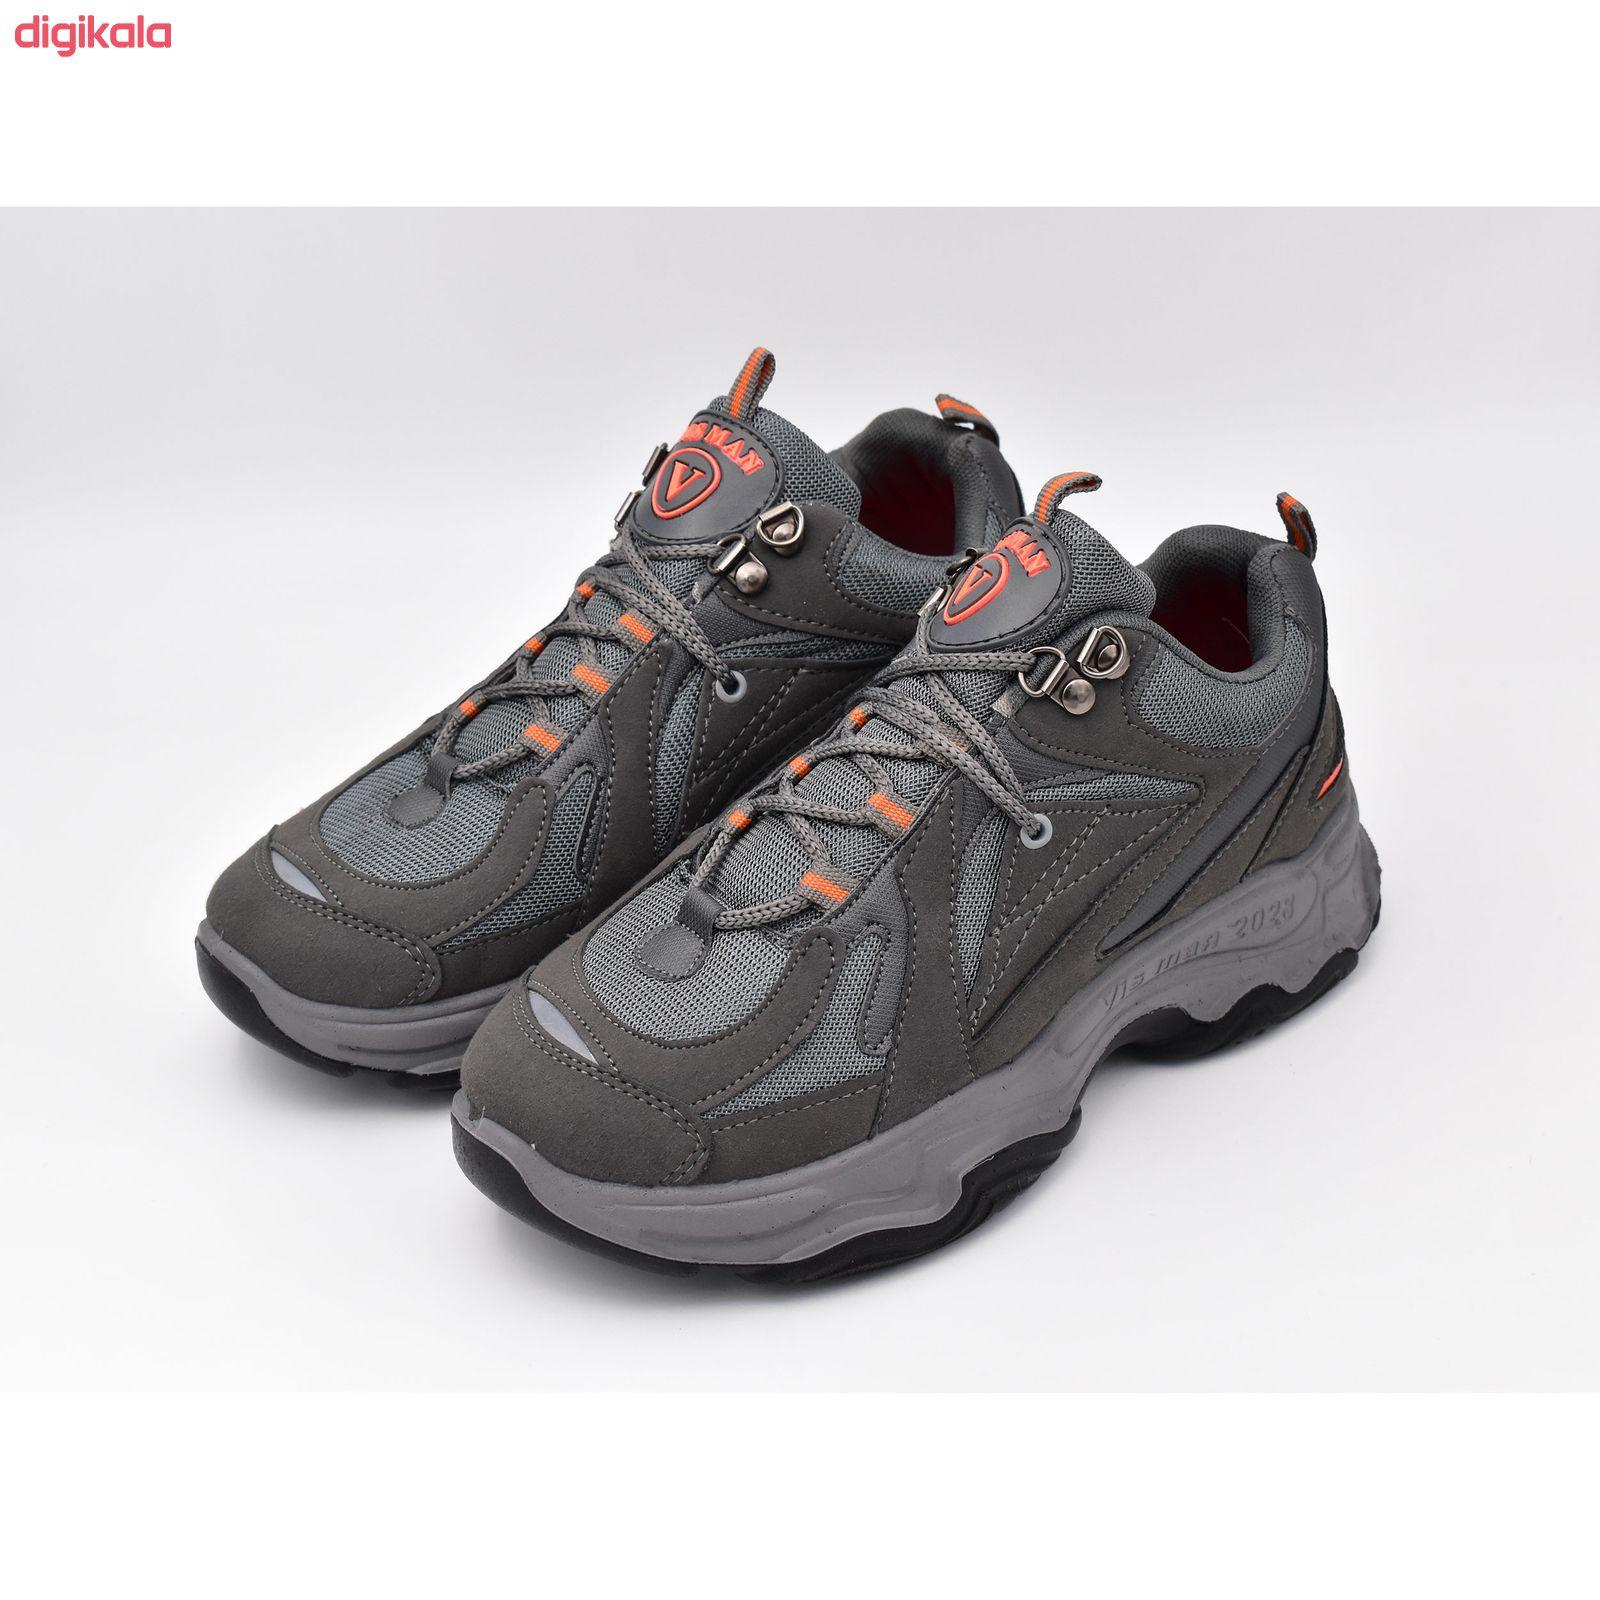 کفش کوهنوردی مردانه ویس من مدل CKO کد 8377 main 1 2